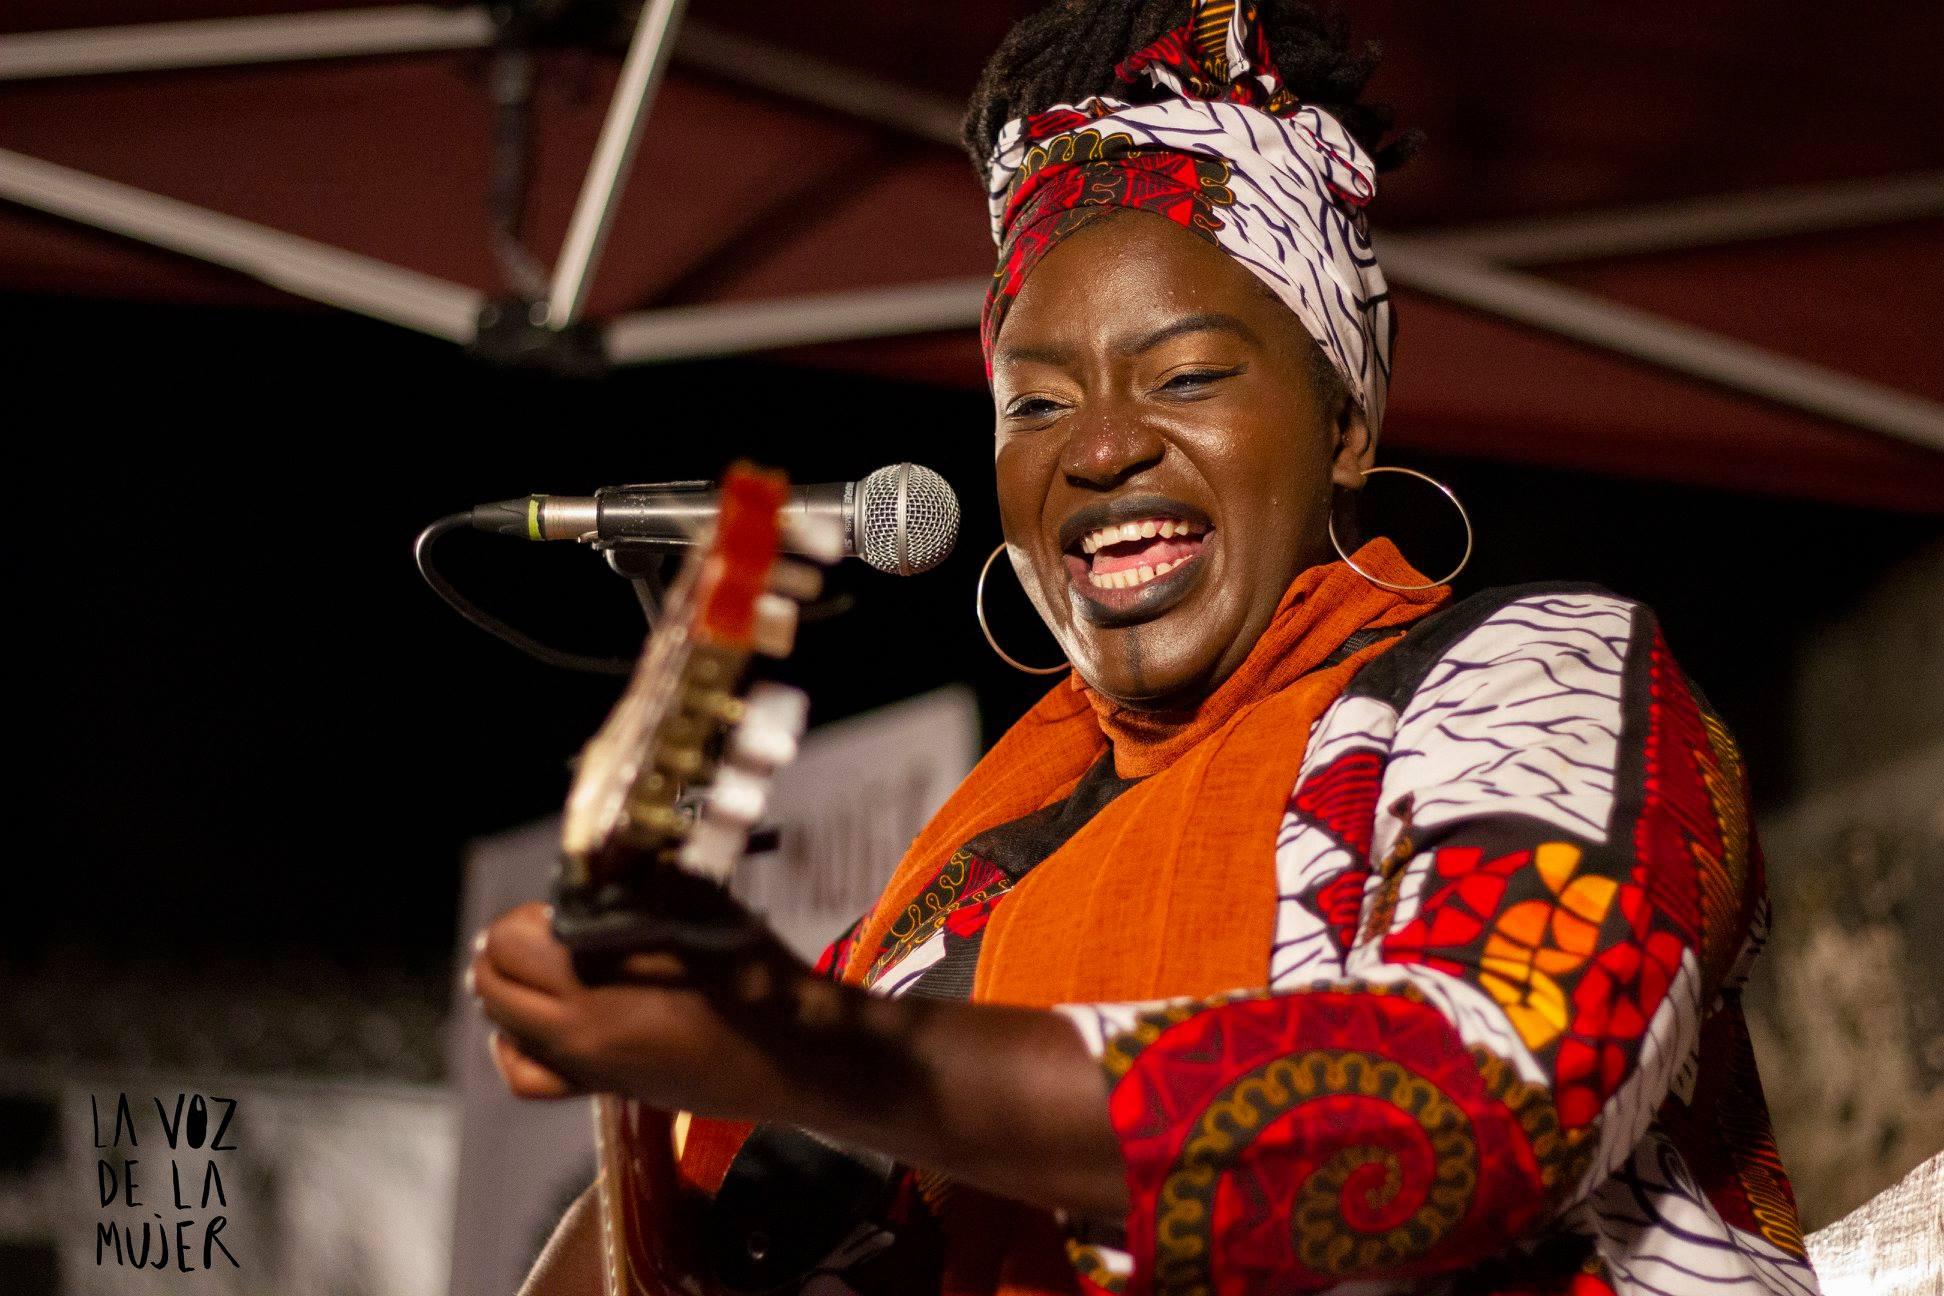 El festival La Voz de la mujer se despide con destacadas artistas y ponentes internacionales